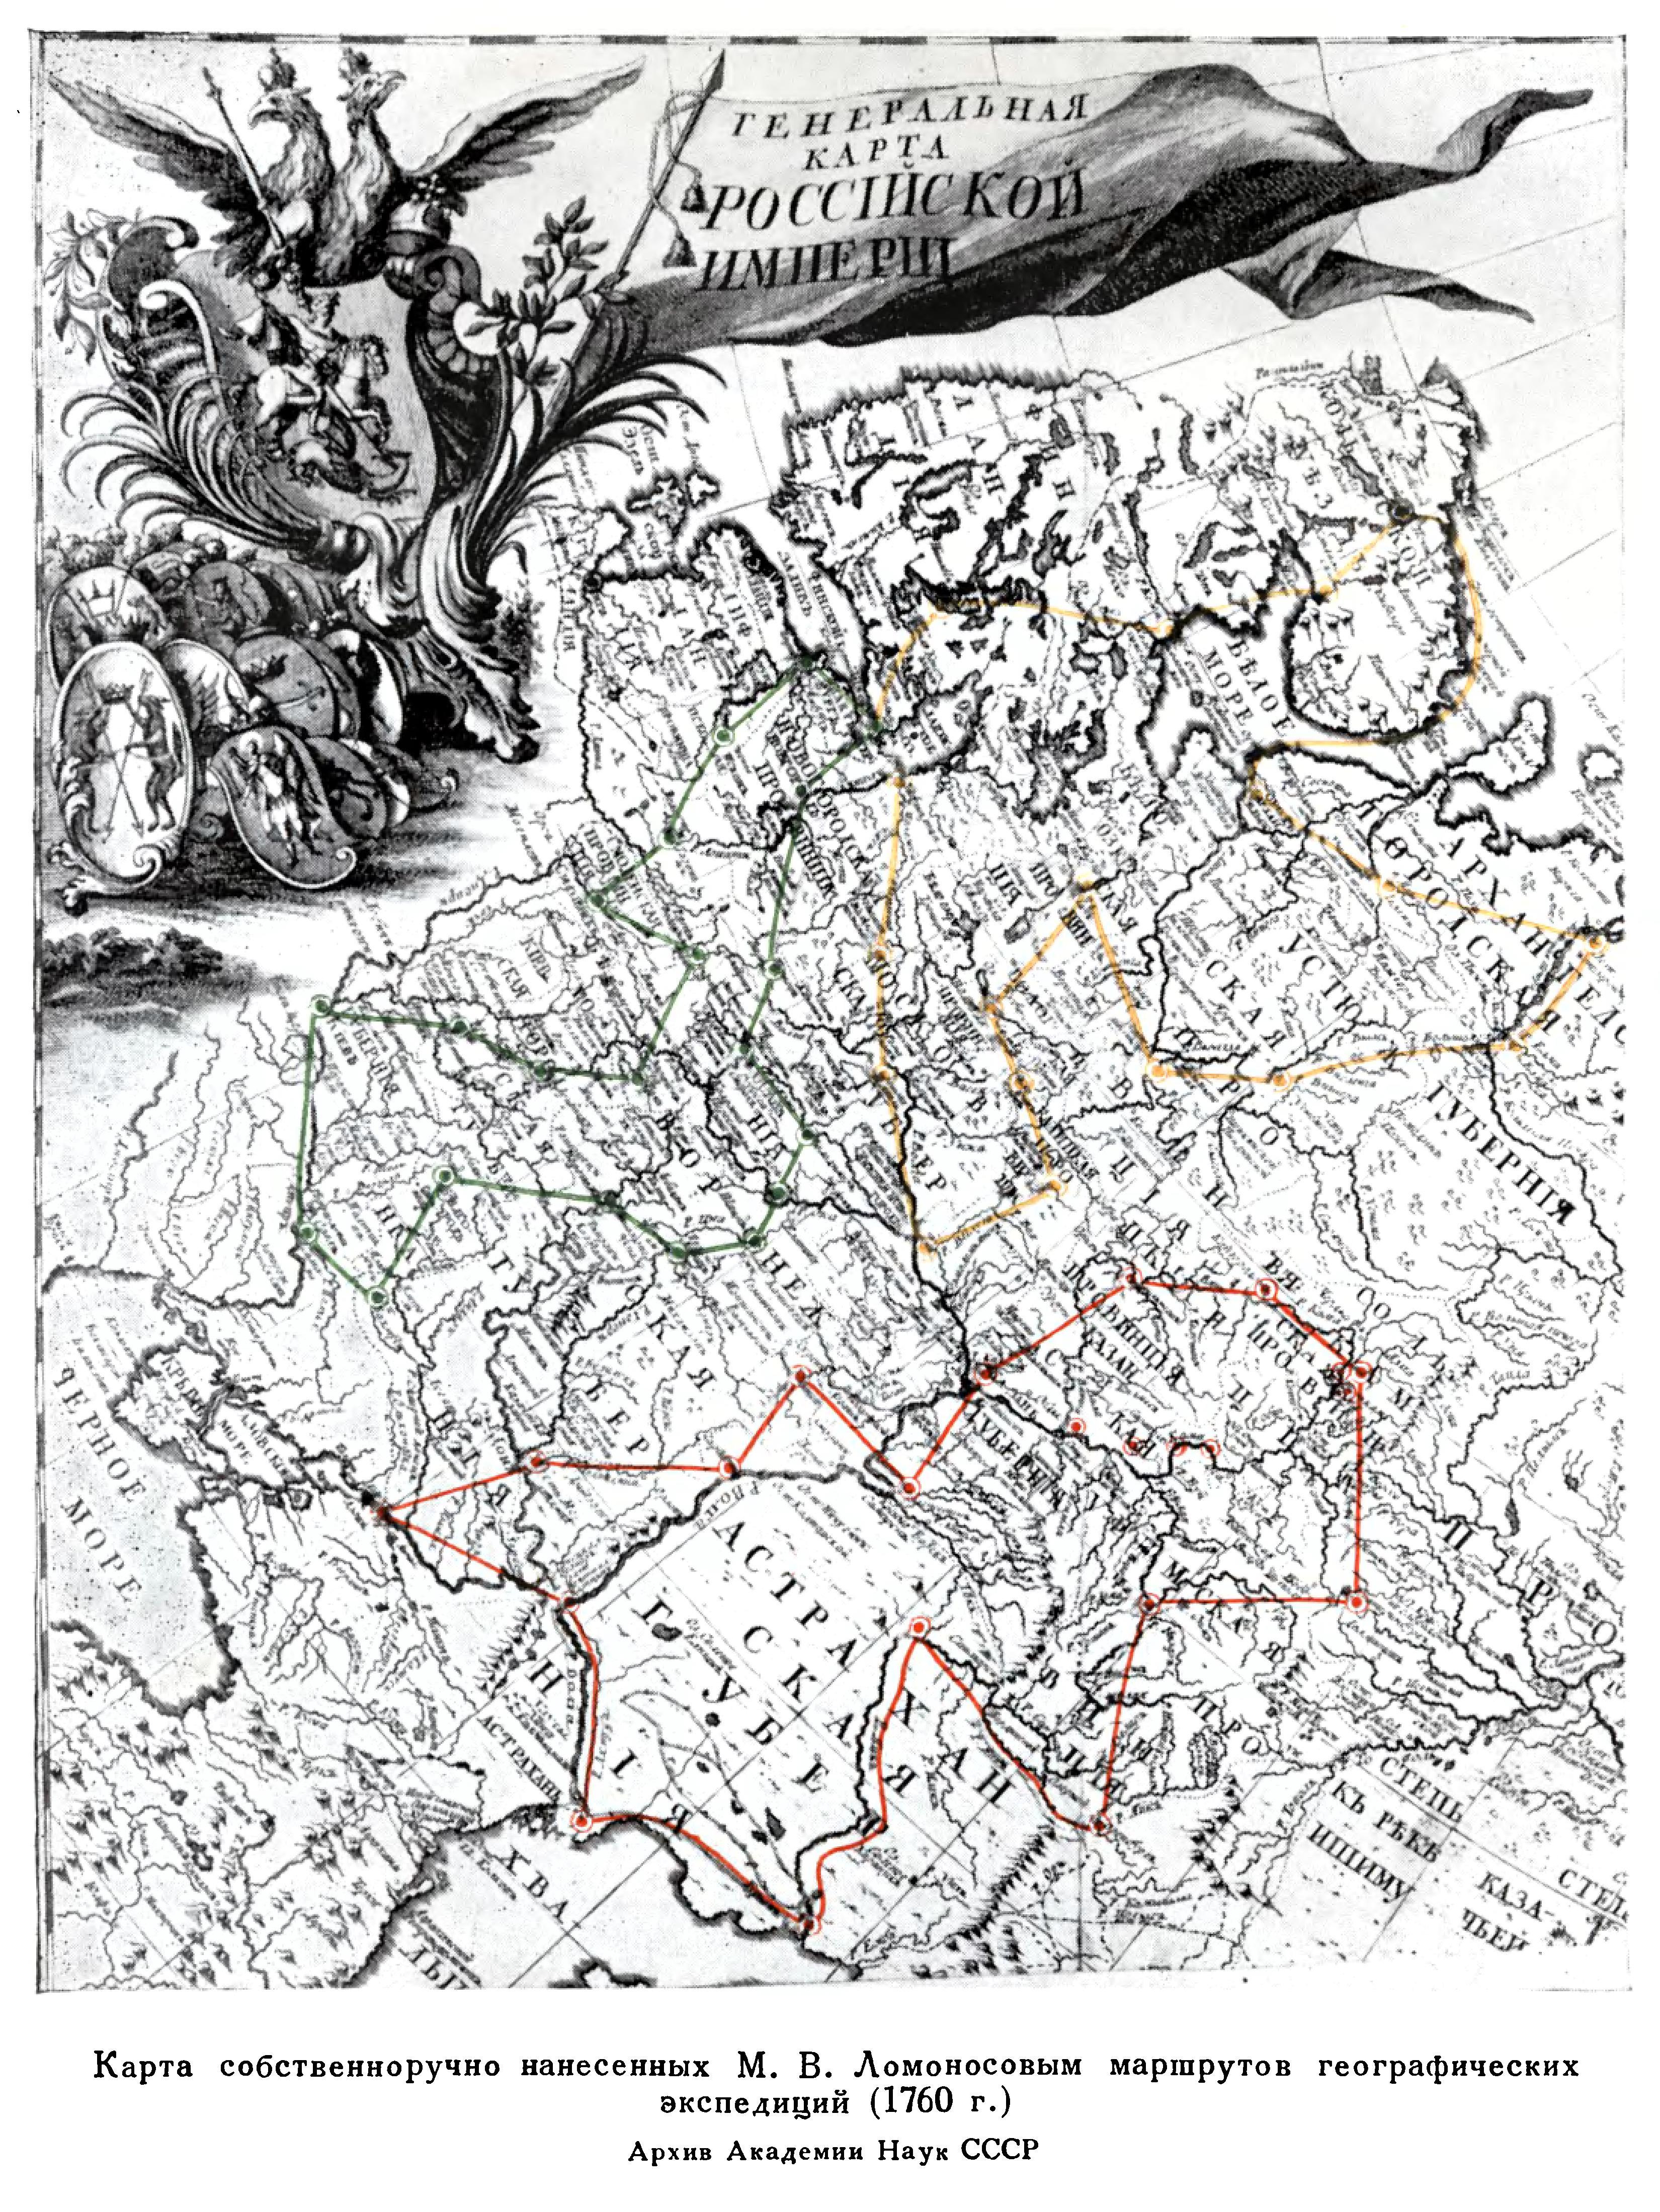 M.V.Lomonosov._Polnoe_sobranie_sochineniy._Tom_9._Slujebnyie_dokumentyi._1742-1765_gg. Карта